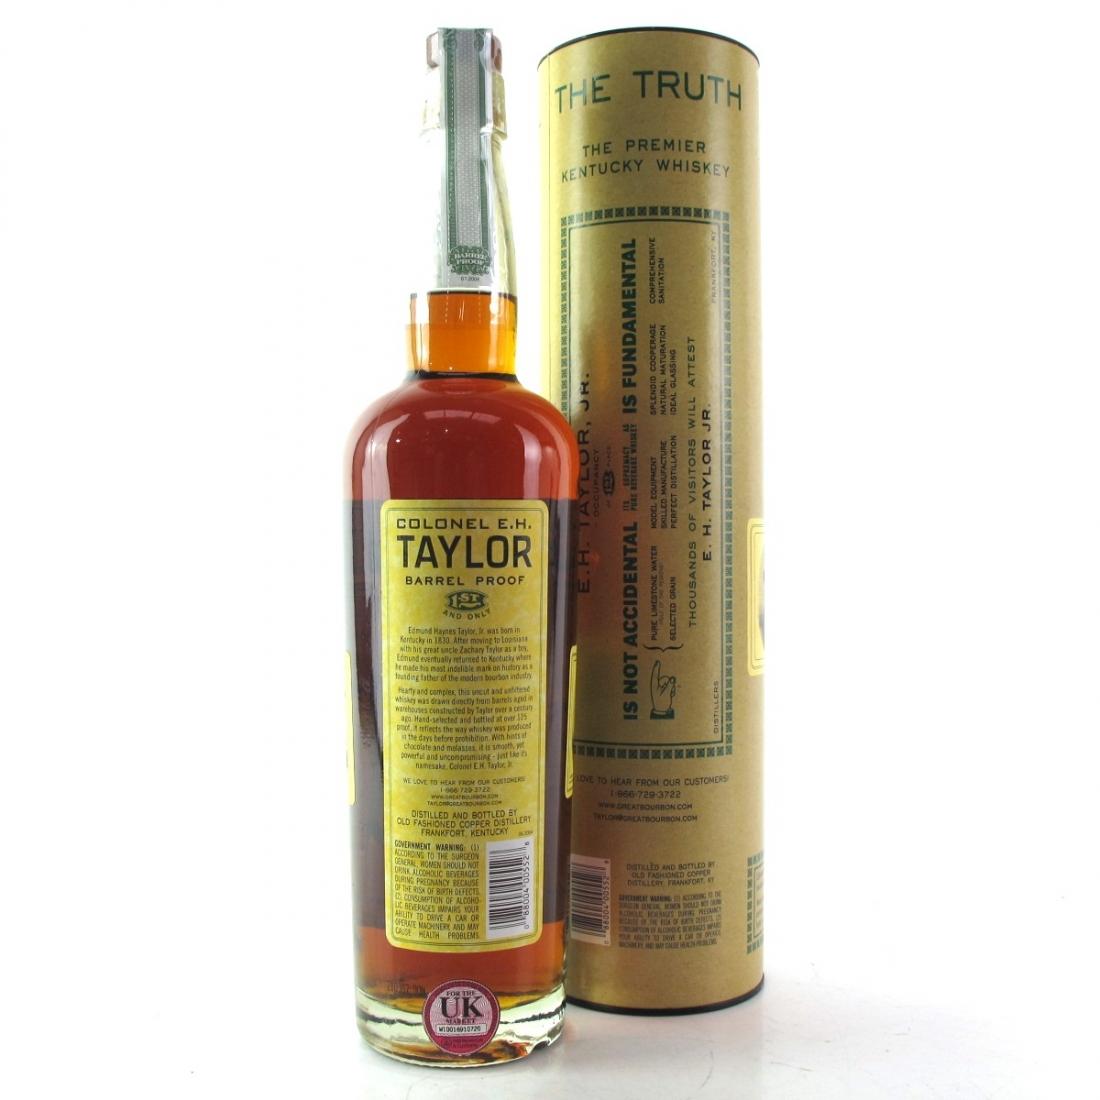 Colonel E.H Taylor Barrel Proof / 2012 Release